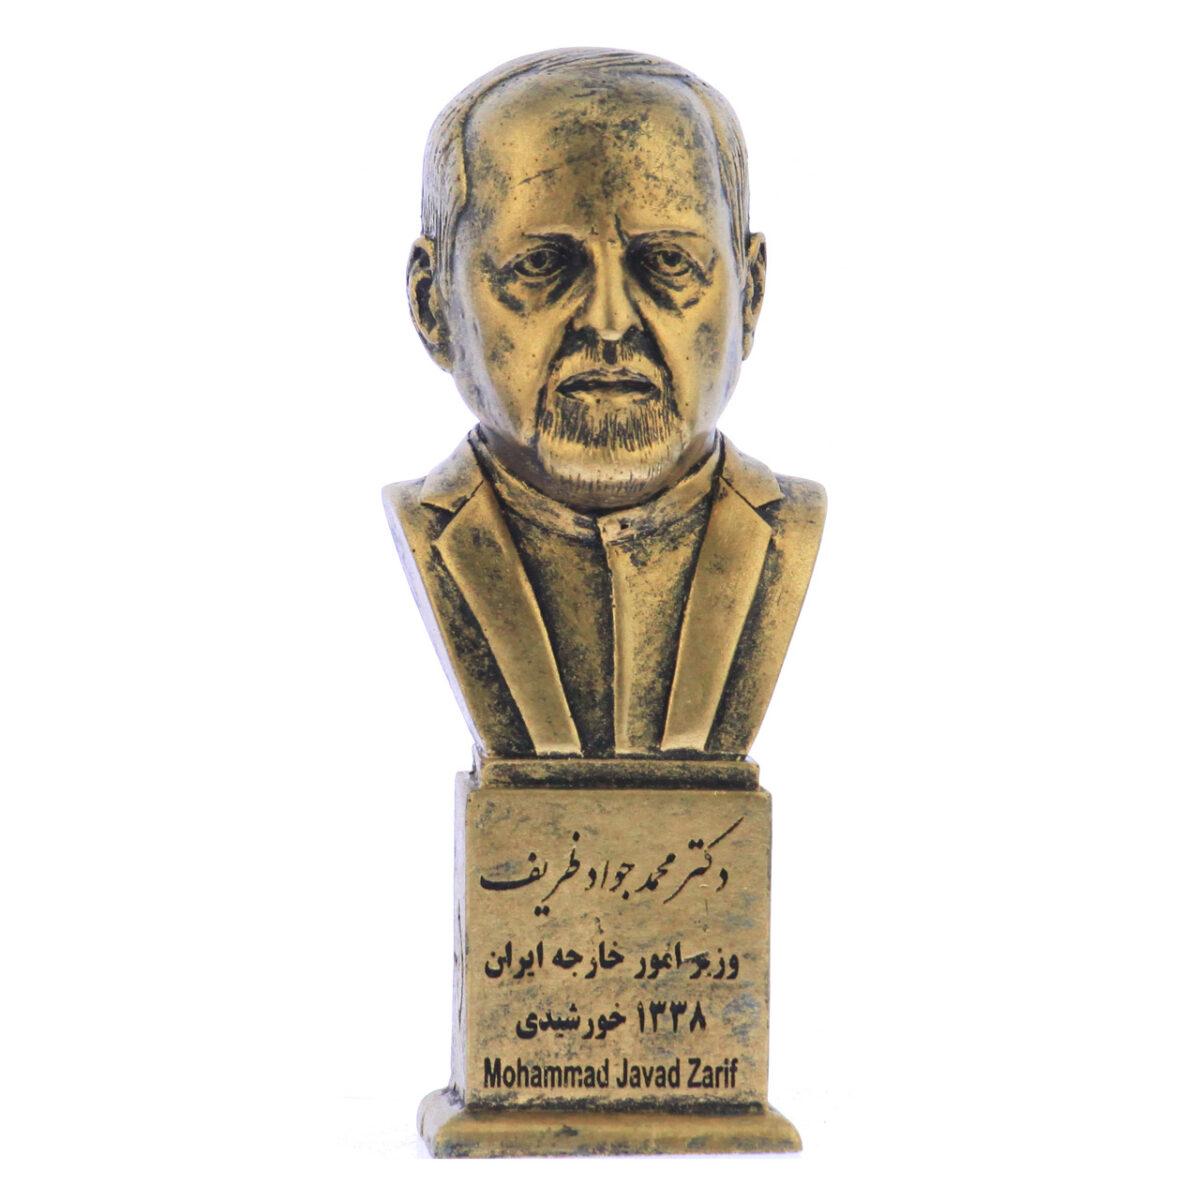 dr javad zarif b 1200x1200 - سردیس دکتر محمد جواد ظریف